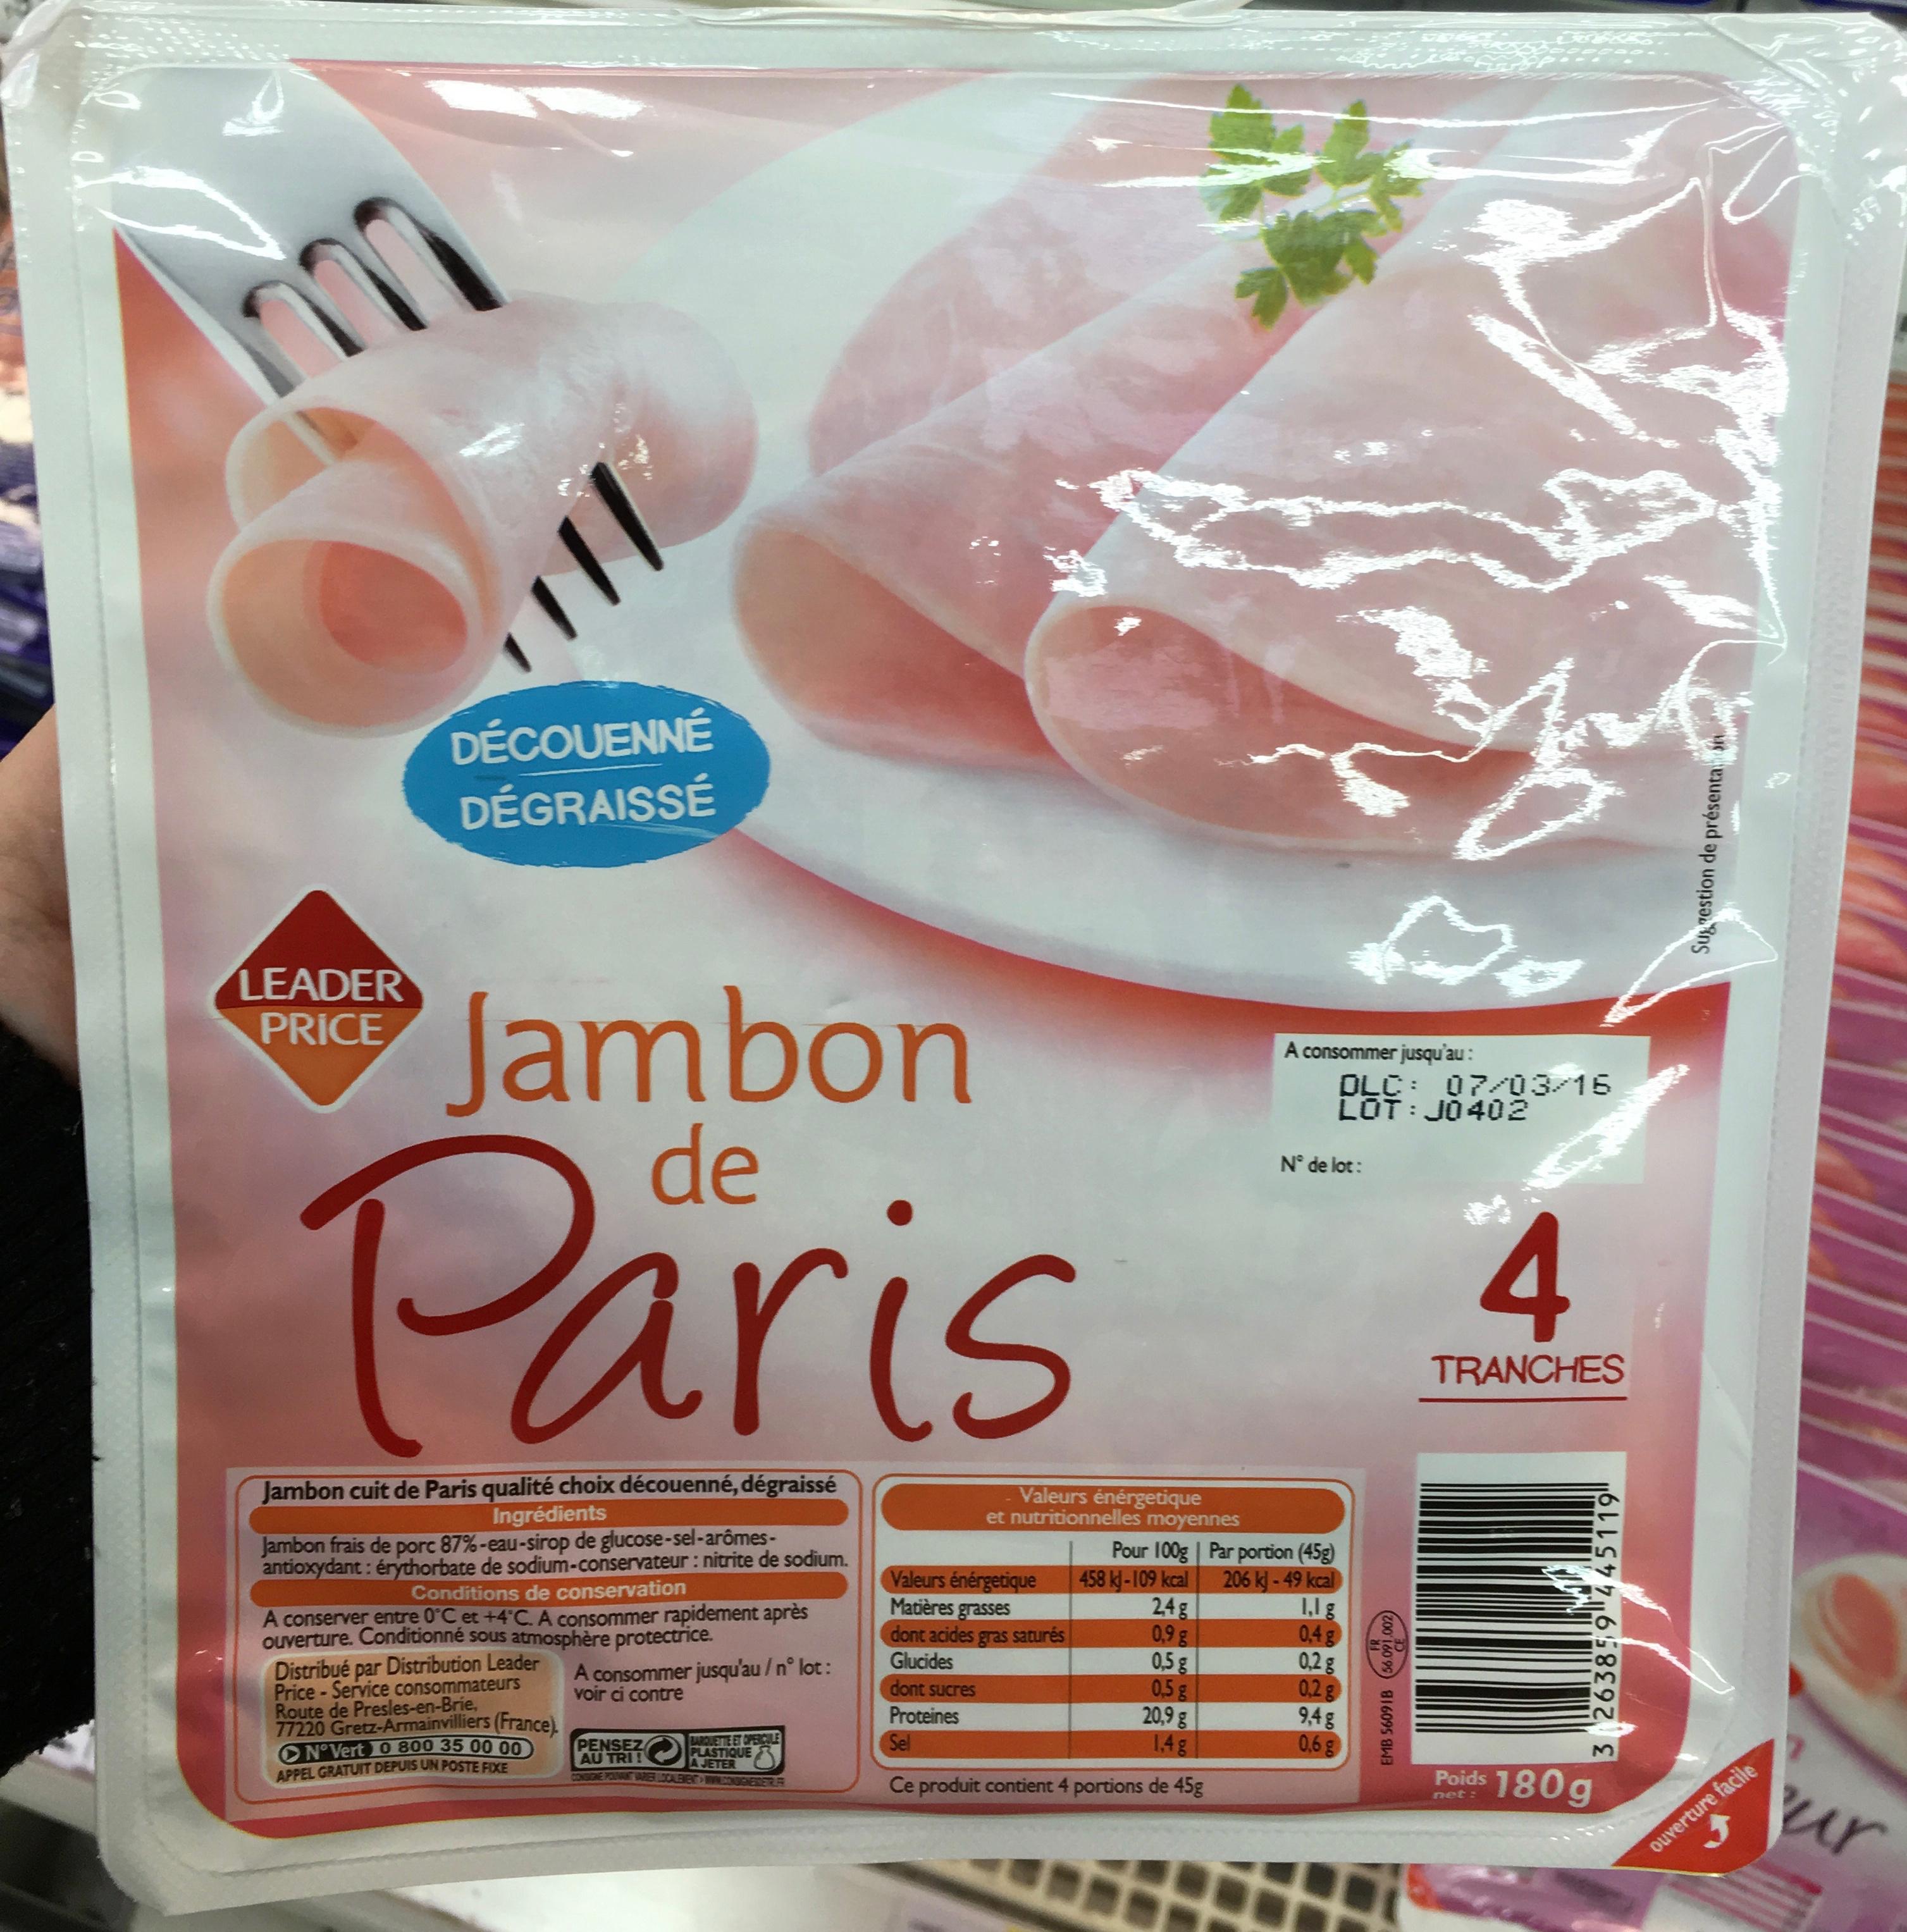 Jambon de Paris, Découenné Dégraissé (4 Tranches) - Prodotto - fr